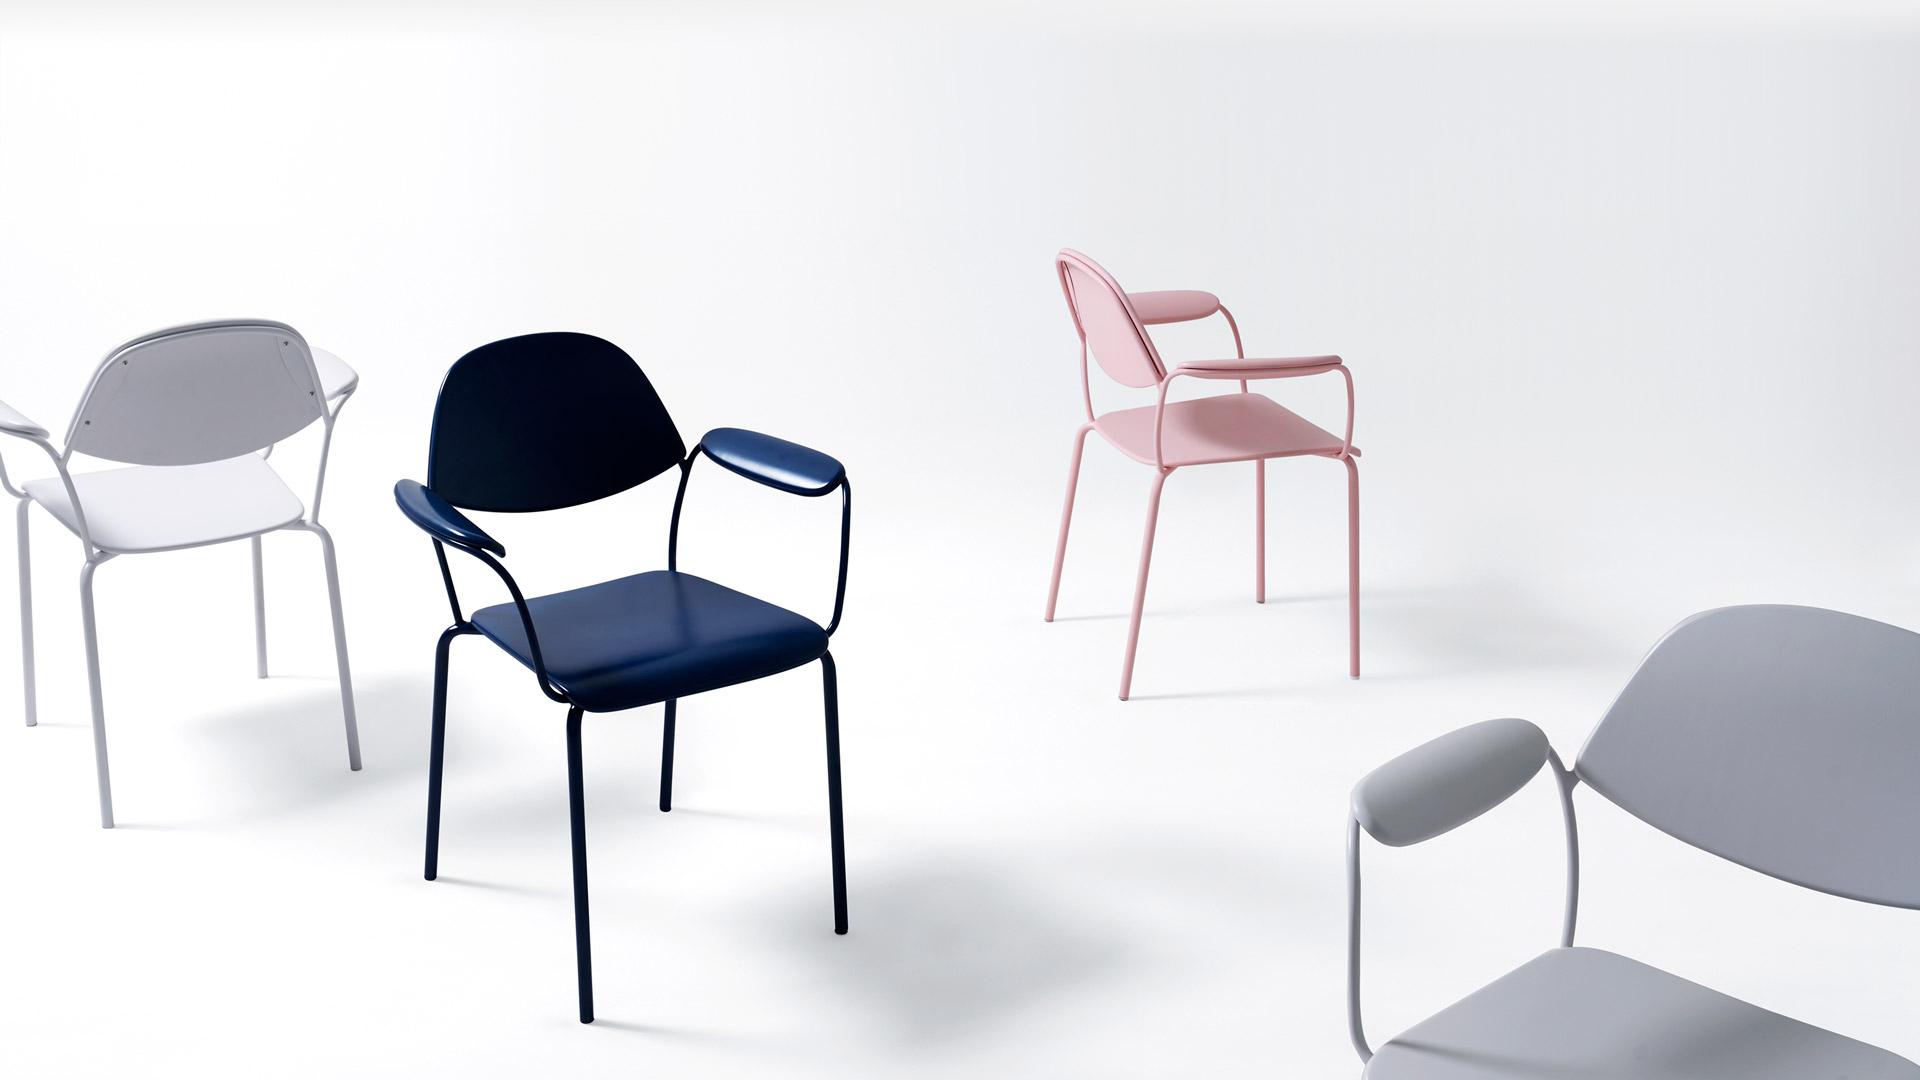 米白、青粉、海蓝,从不同种类的百合中提取最适宜家居环境的三色,理性与感性的完美融合,让餐椅、工作椅、单人休闲椅、会议椅……绽放各自的百合生命。?x-oss-process=image/format,jpg/interlace,1